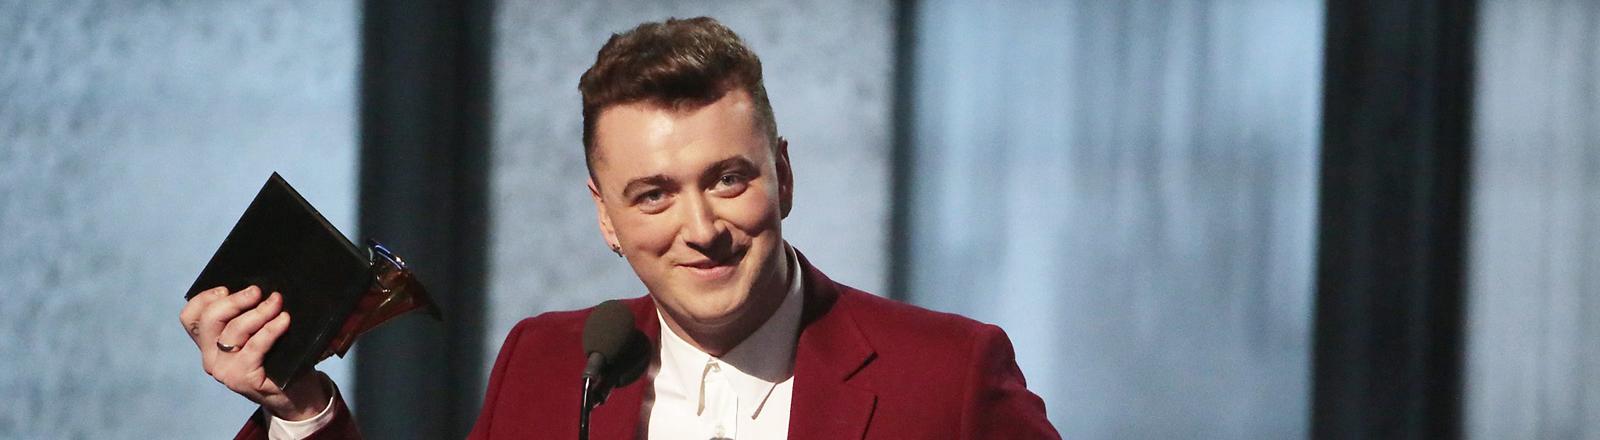 Sam Smith bei der 57-Grammy-Verleihung in Los Angeles